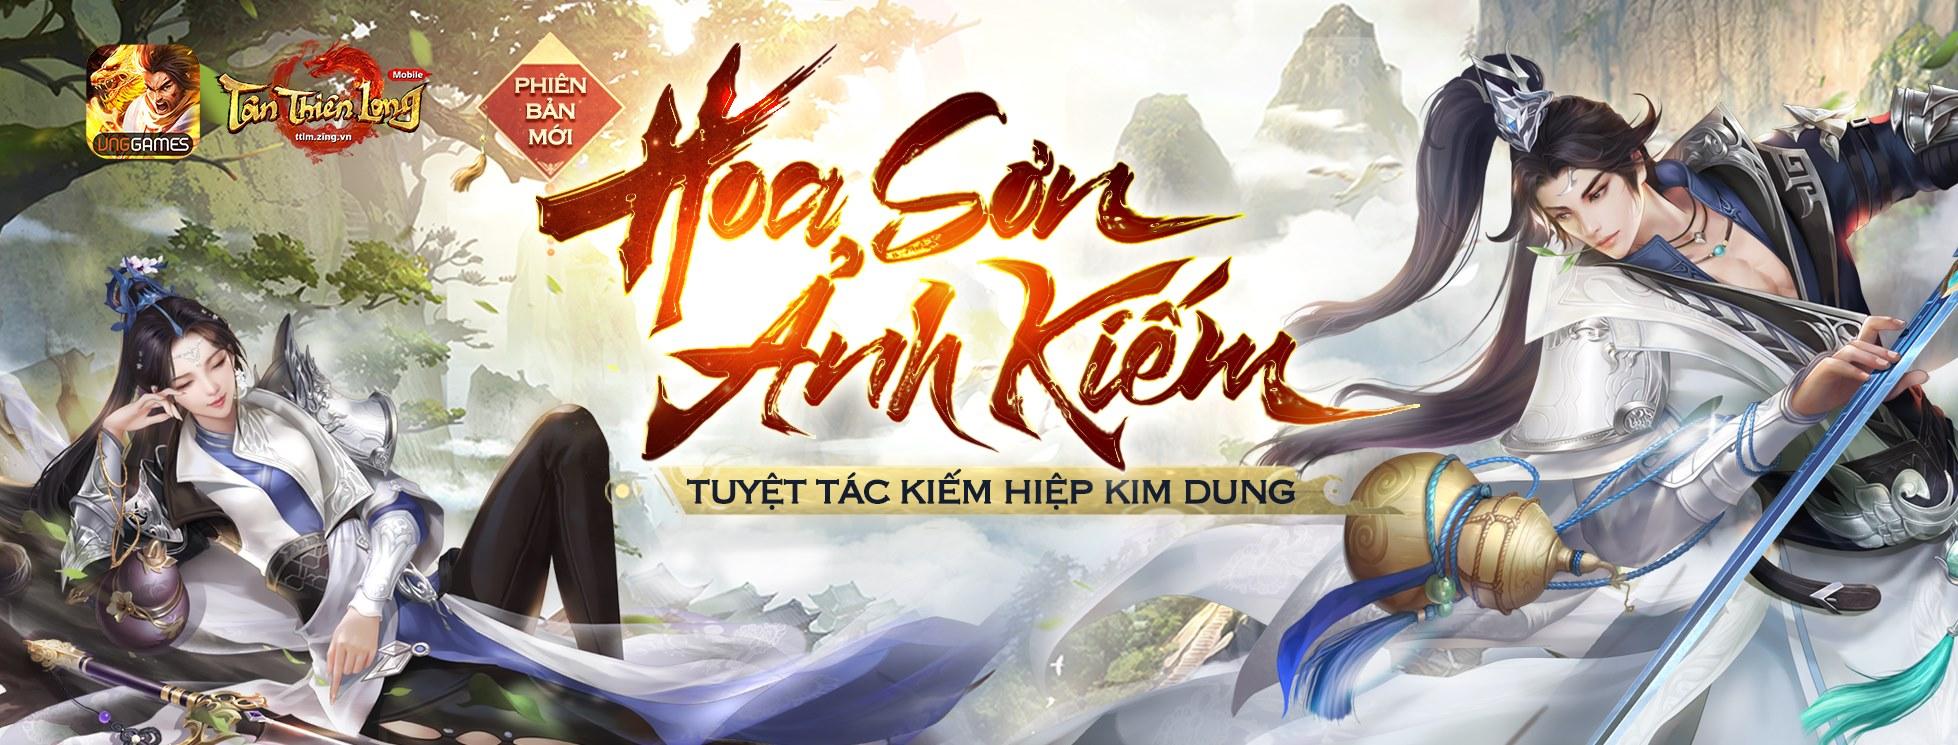 Tân Thiên Long Mobile VNG ấn định ngày ra mắt phiên bản mới Hoa Sơn Ảnh Kiếm 5